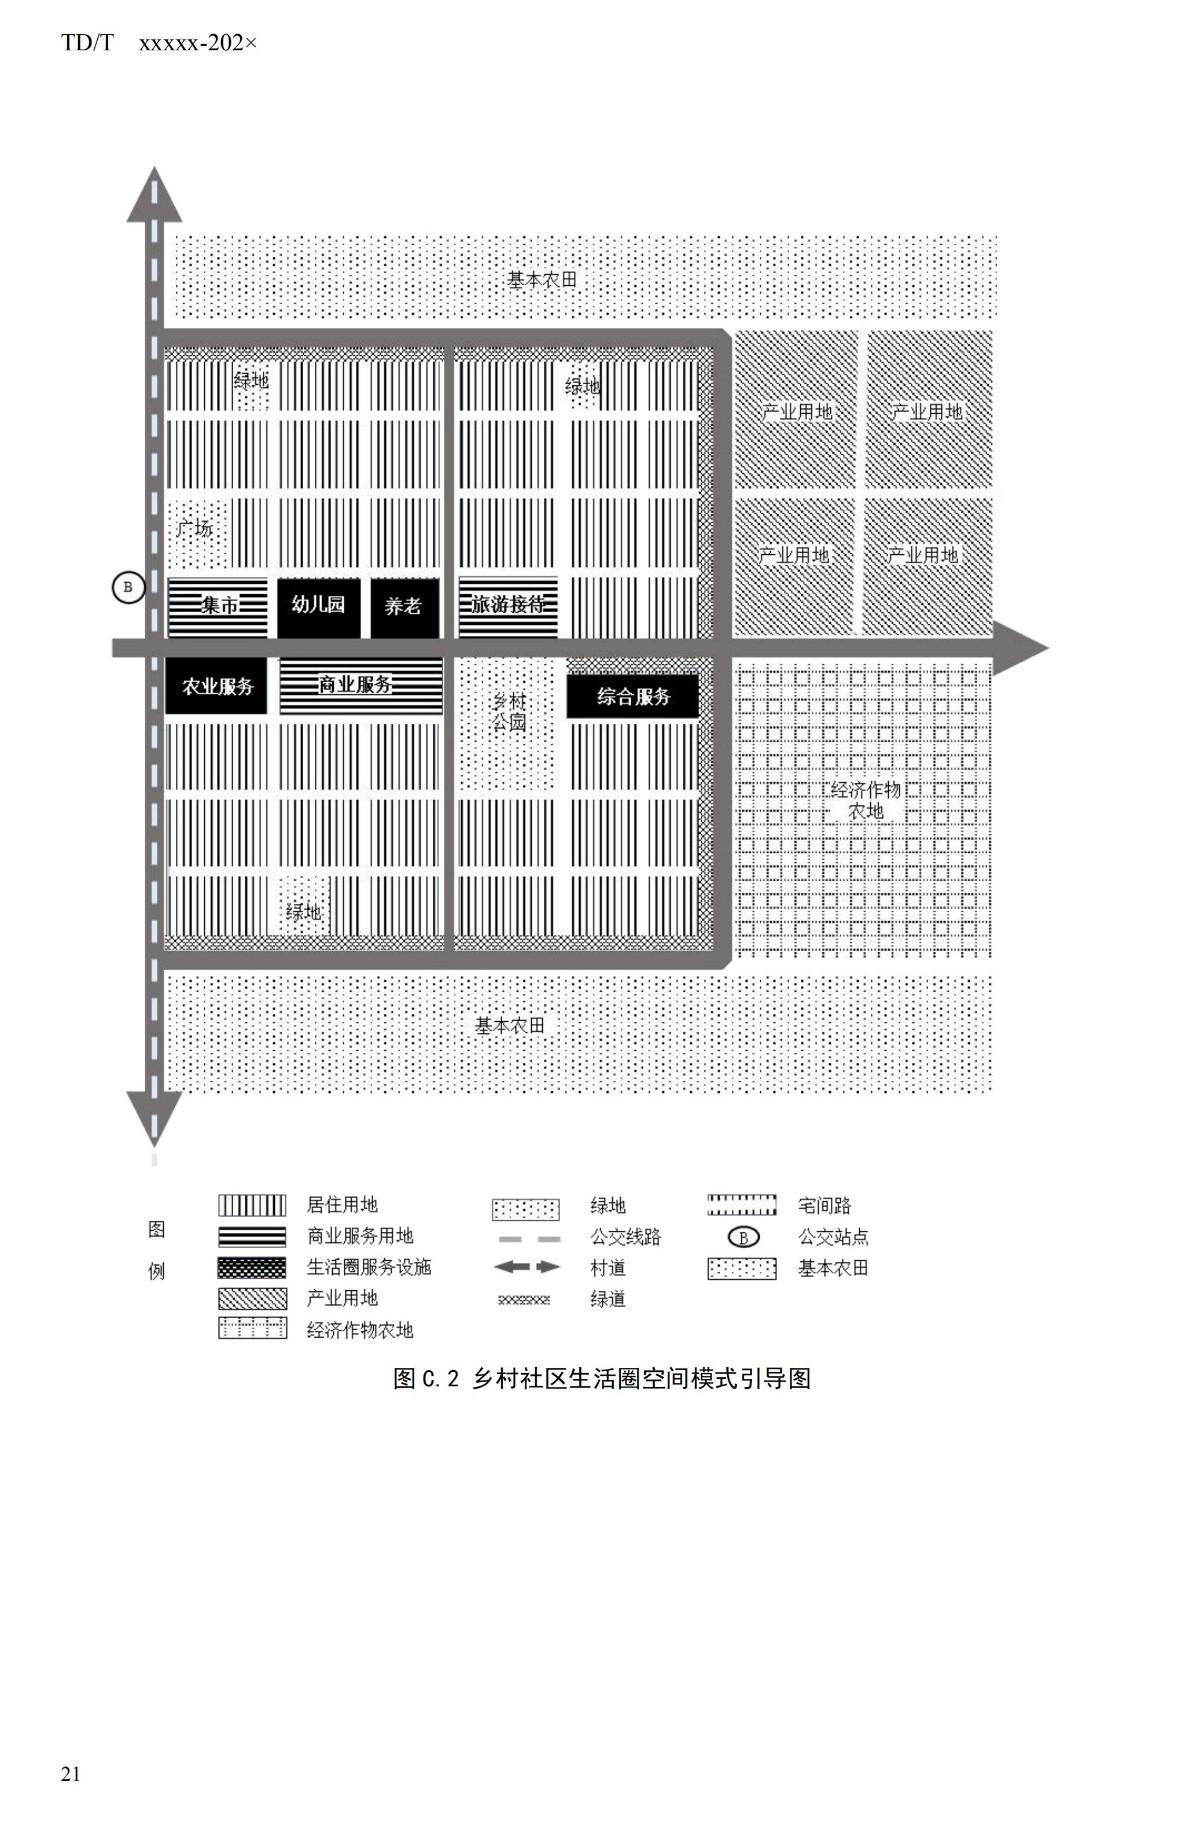 20_WD_240432_社区生活圈规划技术指南_26.jpg